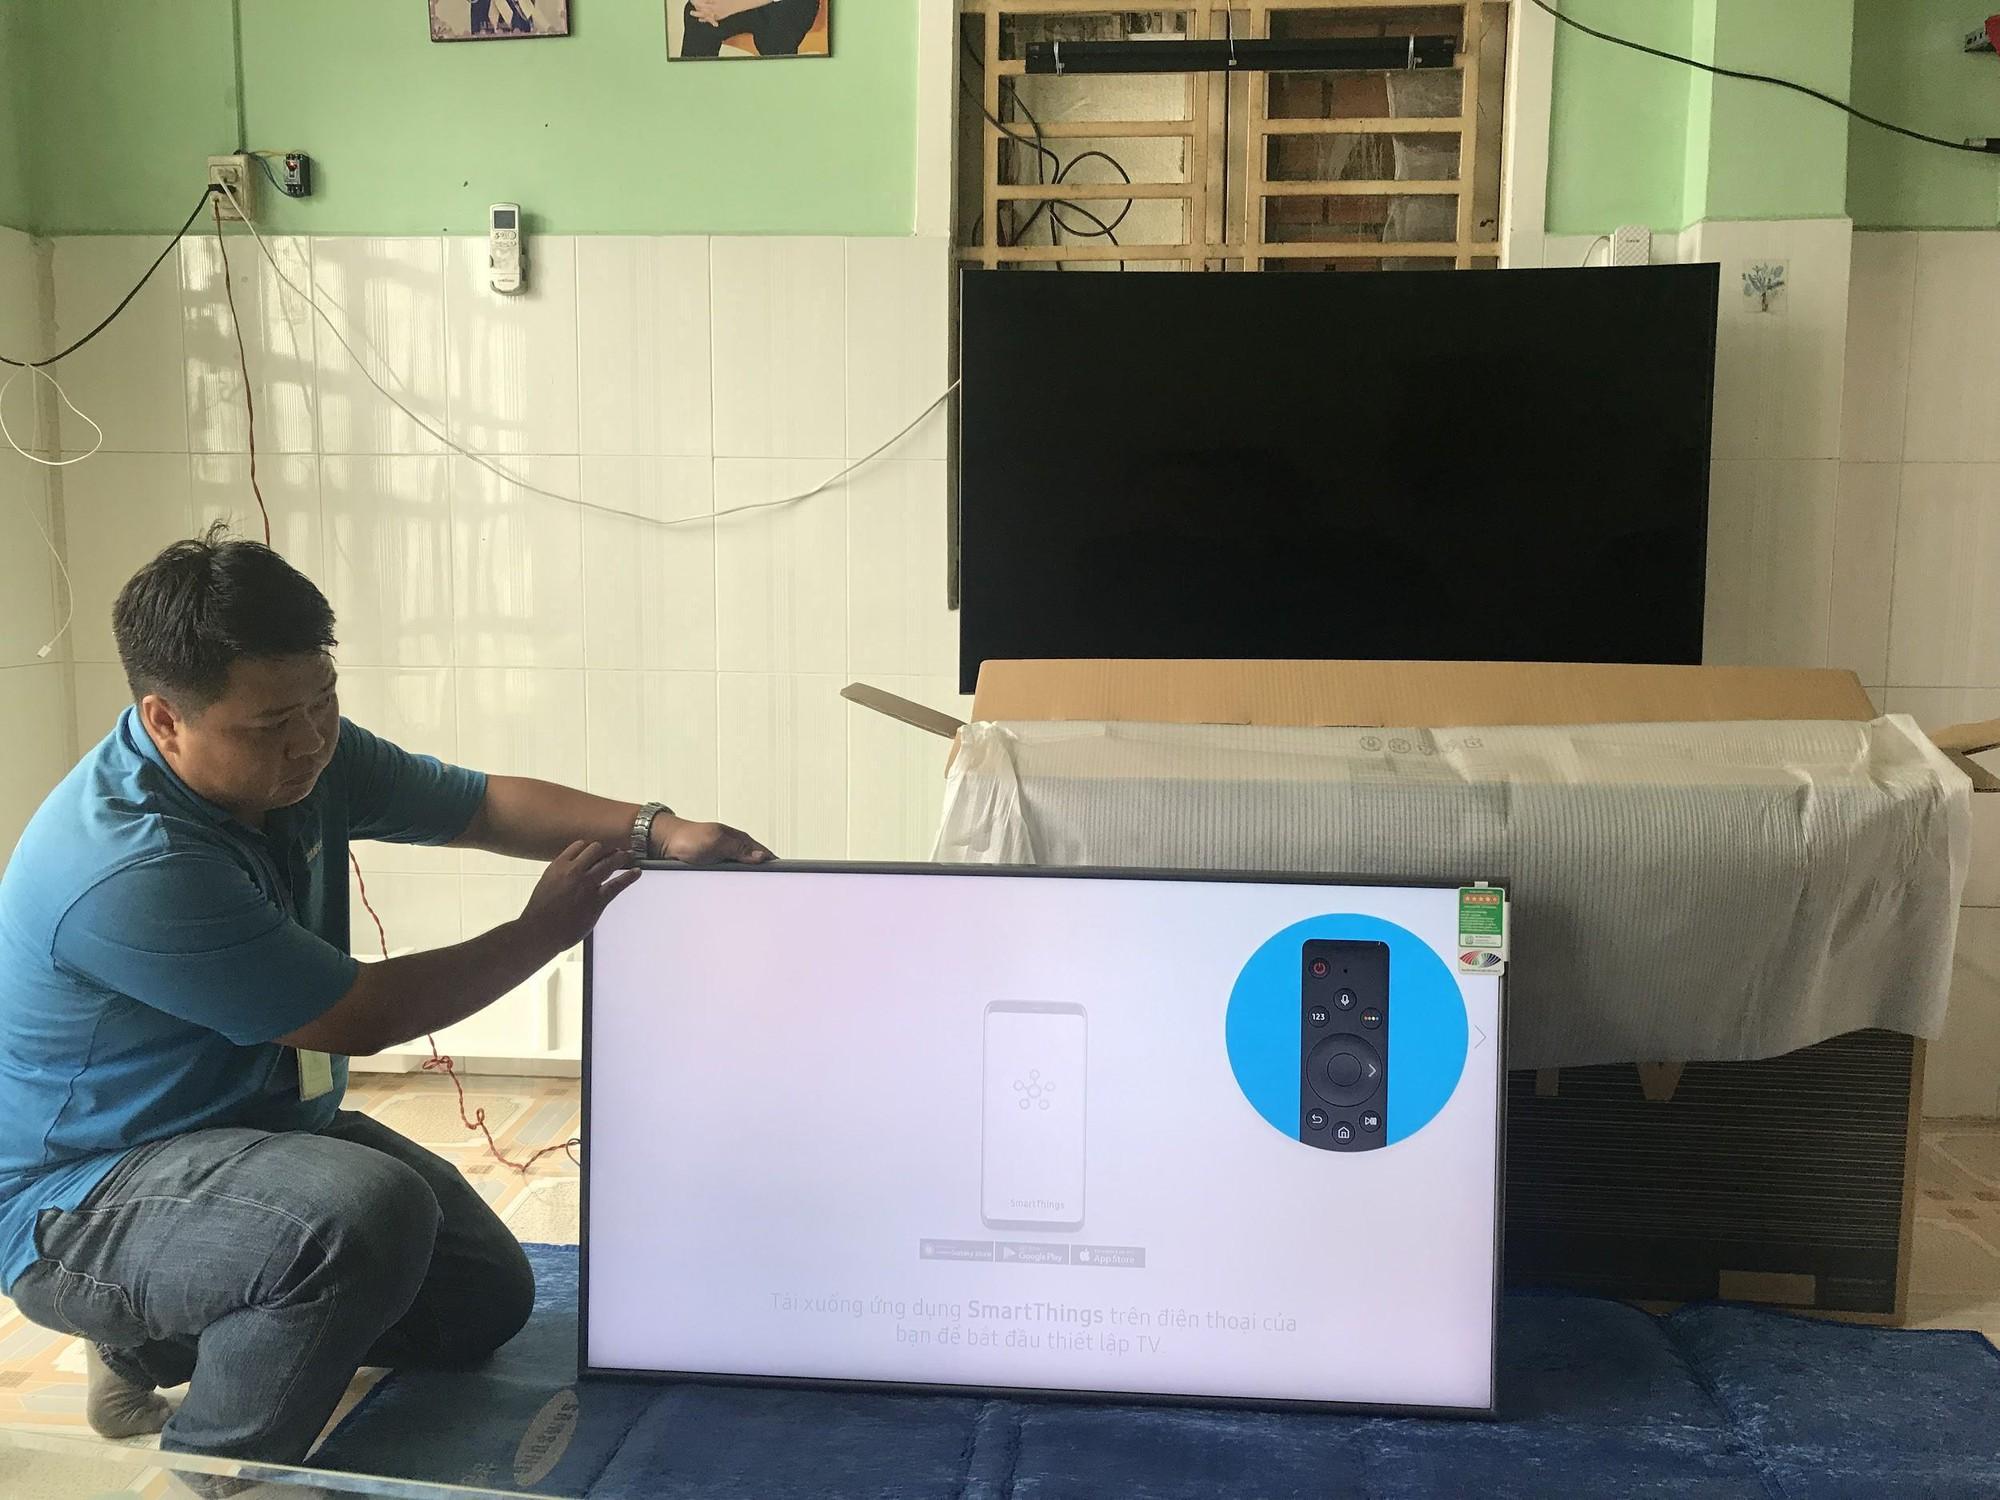 Samsung và những câu chuyện về chiếc TV gắn bó với các gia đình Việt cả chục năm qua - Ảnh 4.